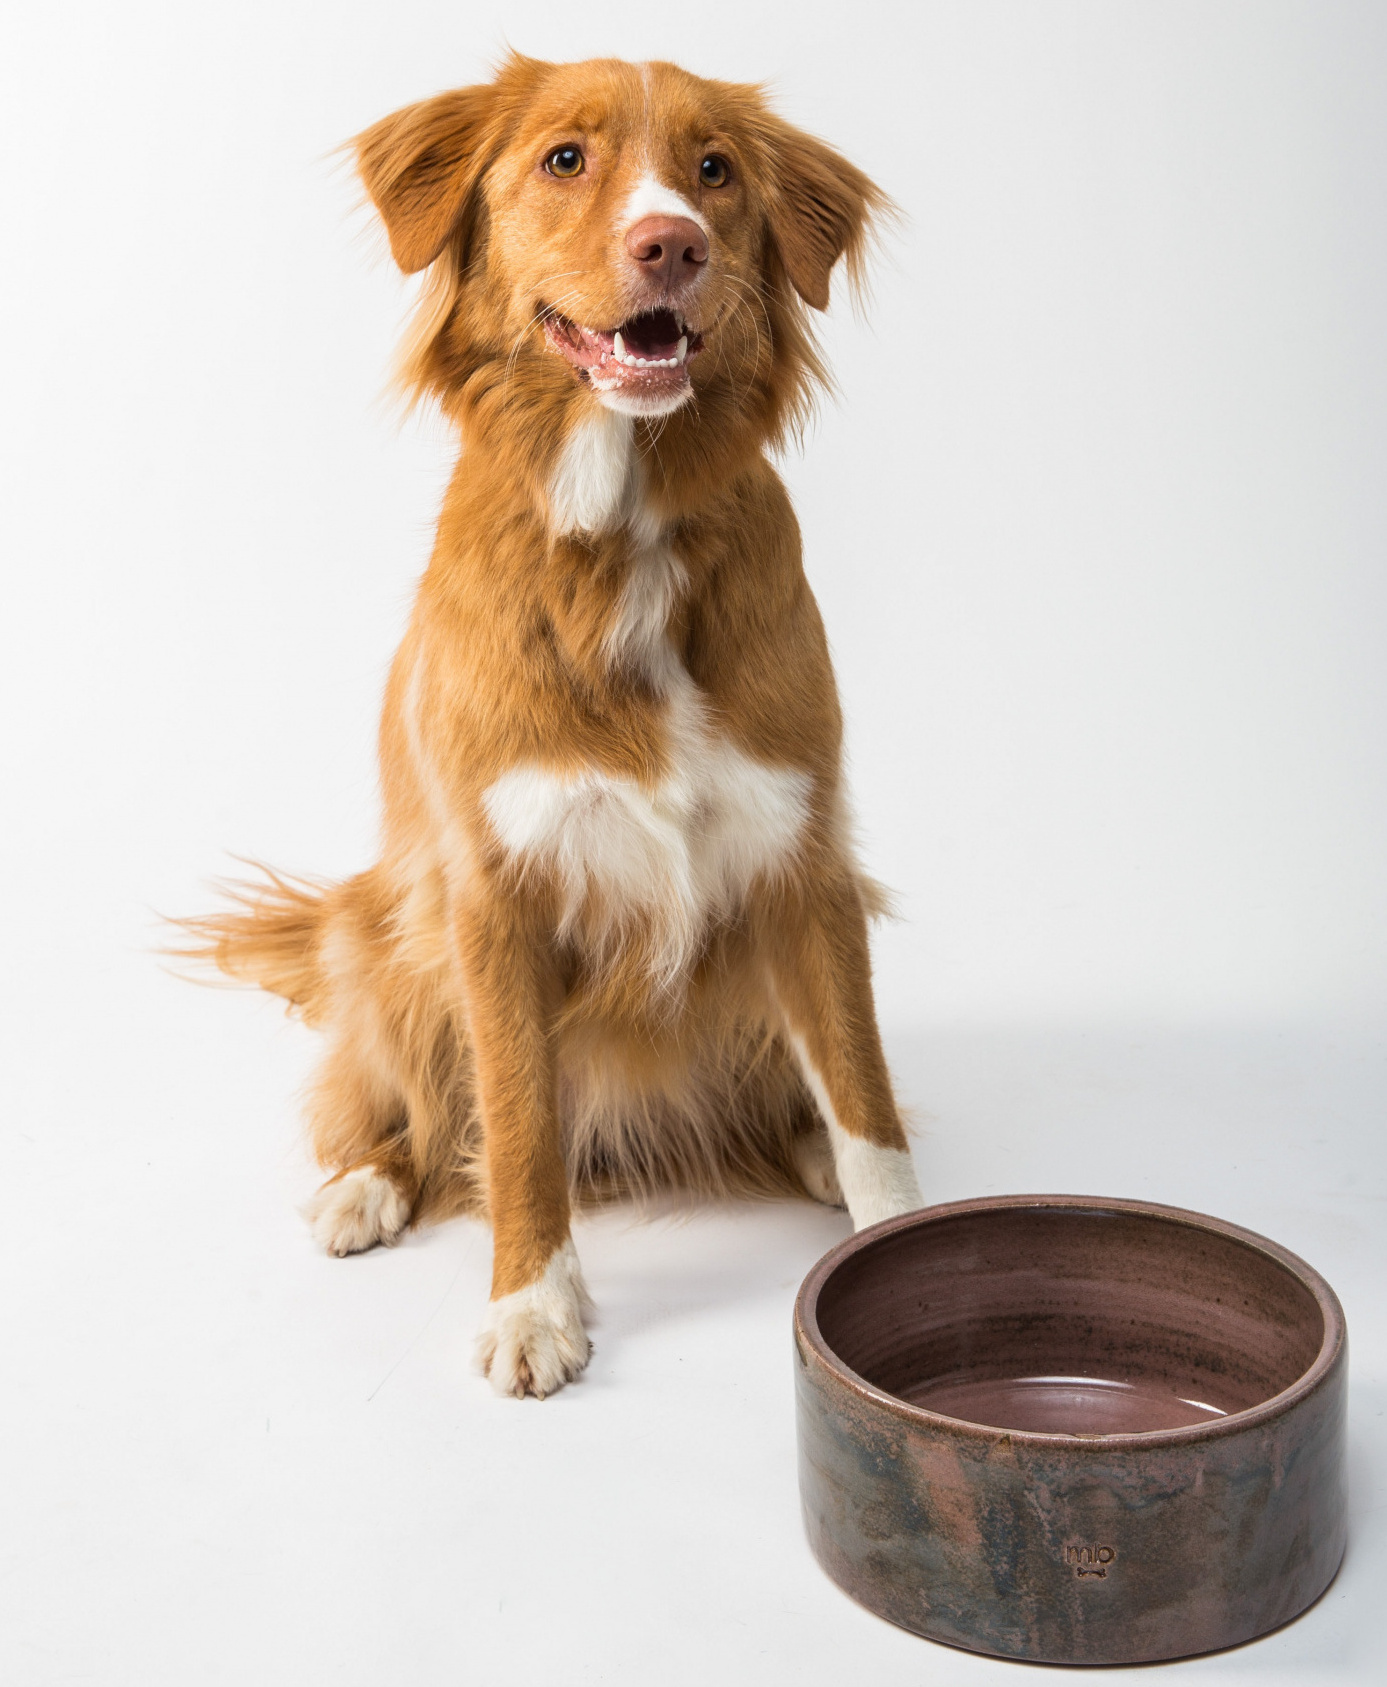 il cane può mangiare l'ananas